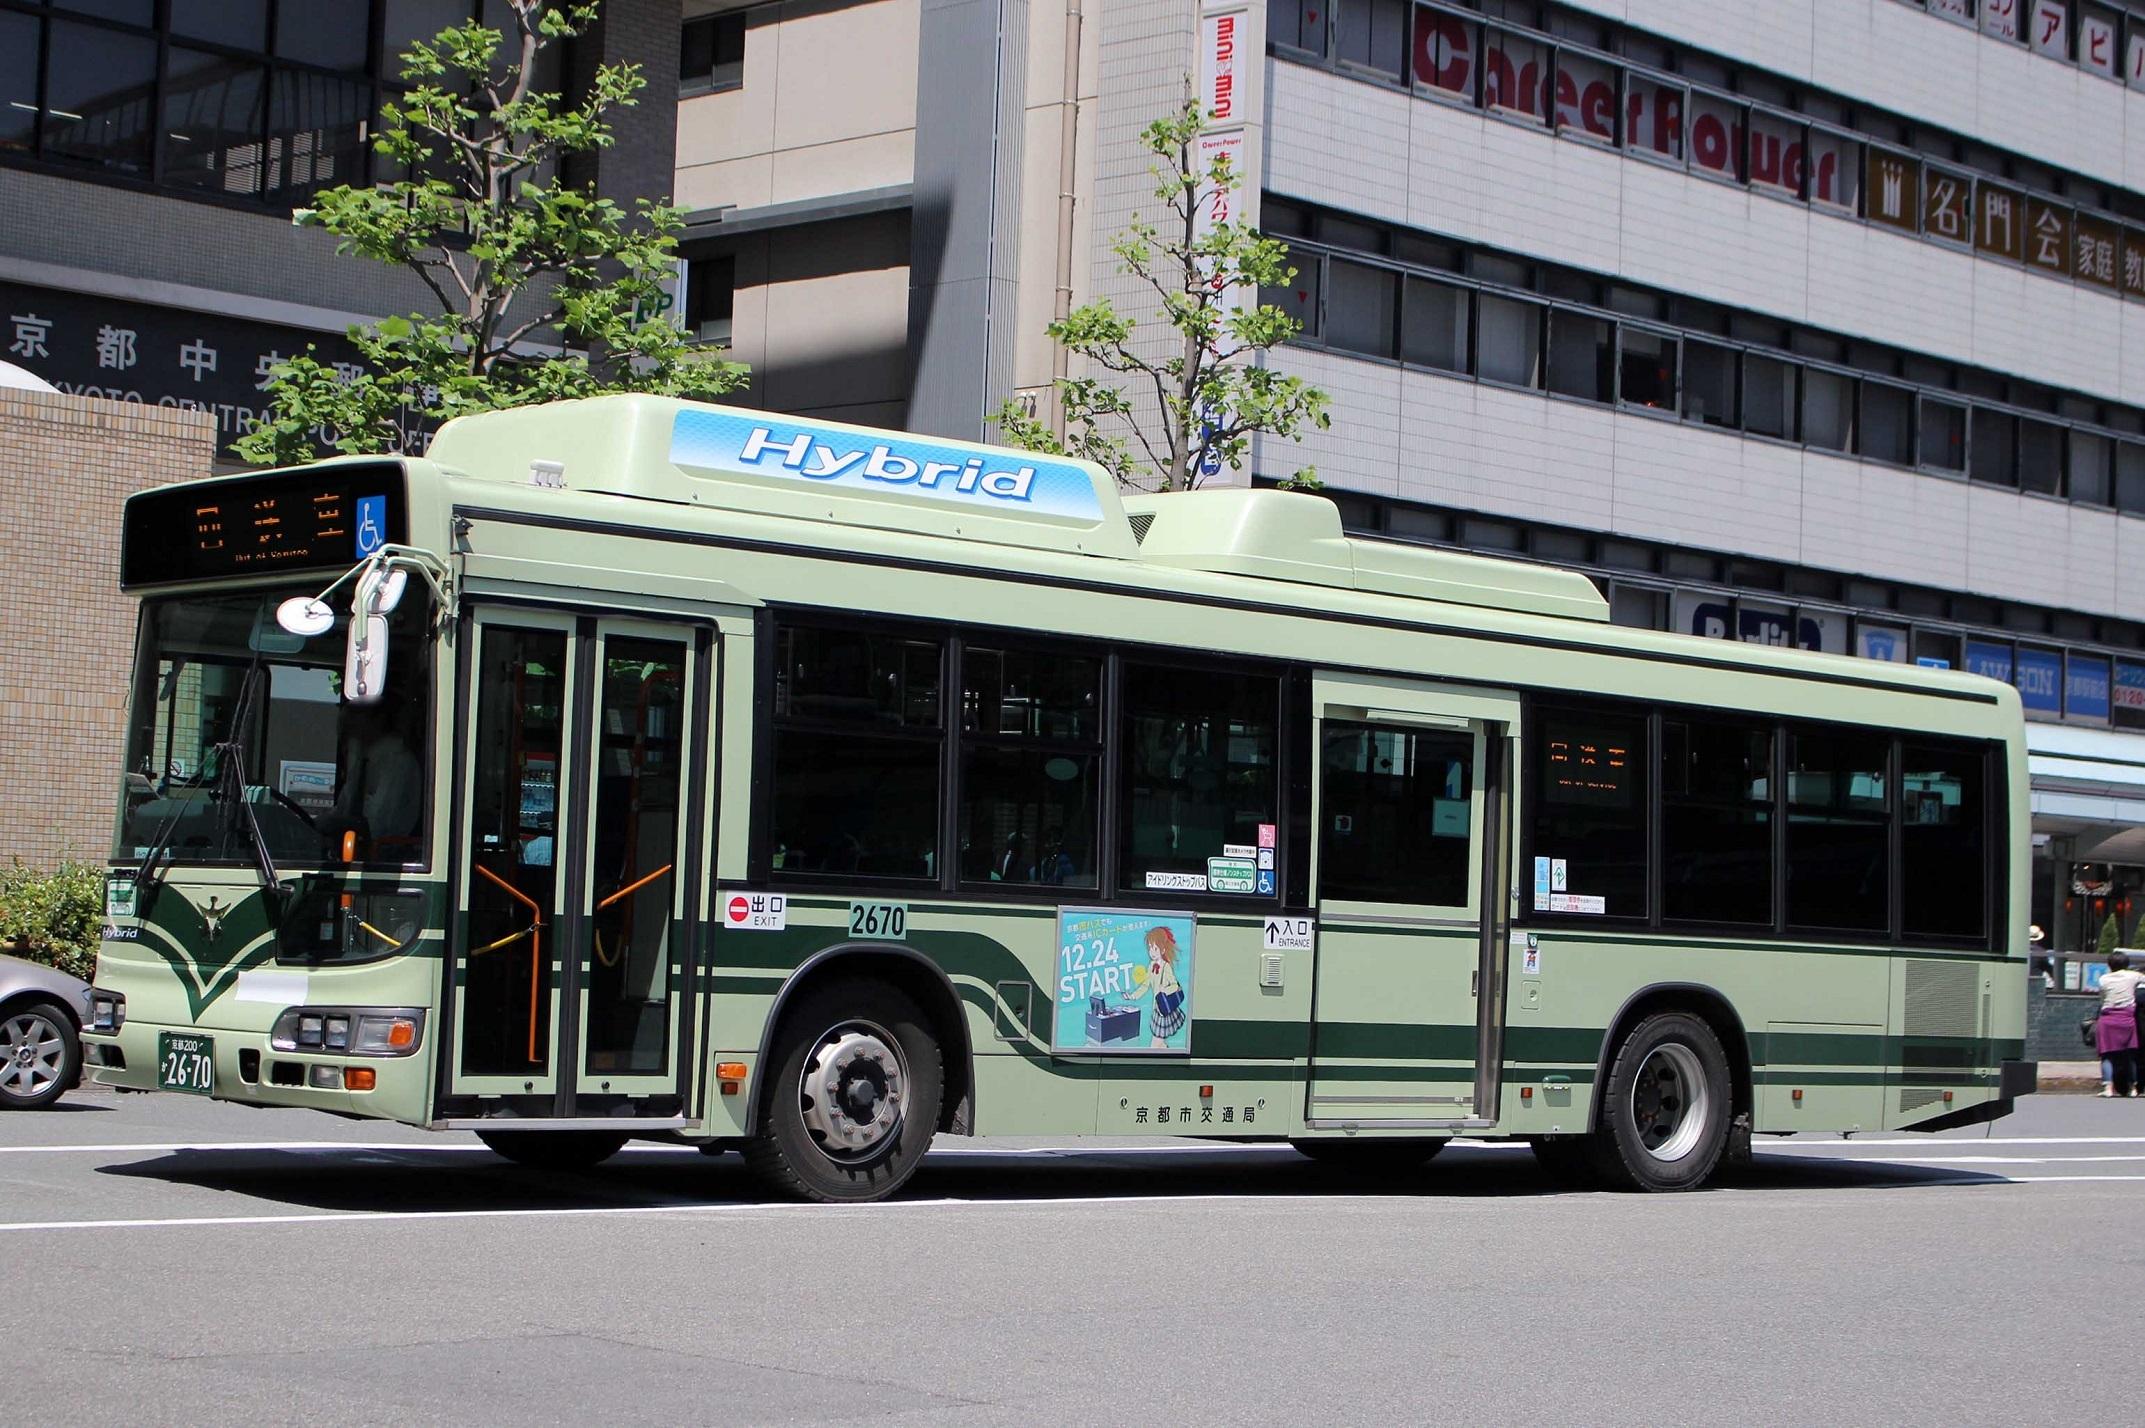 京都市交通局 か2670